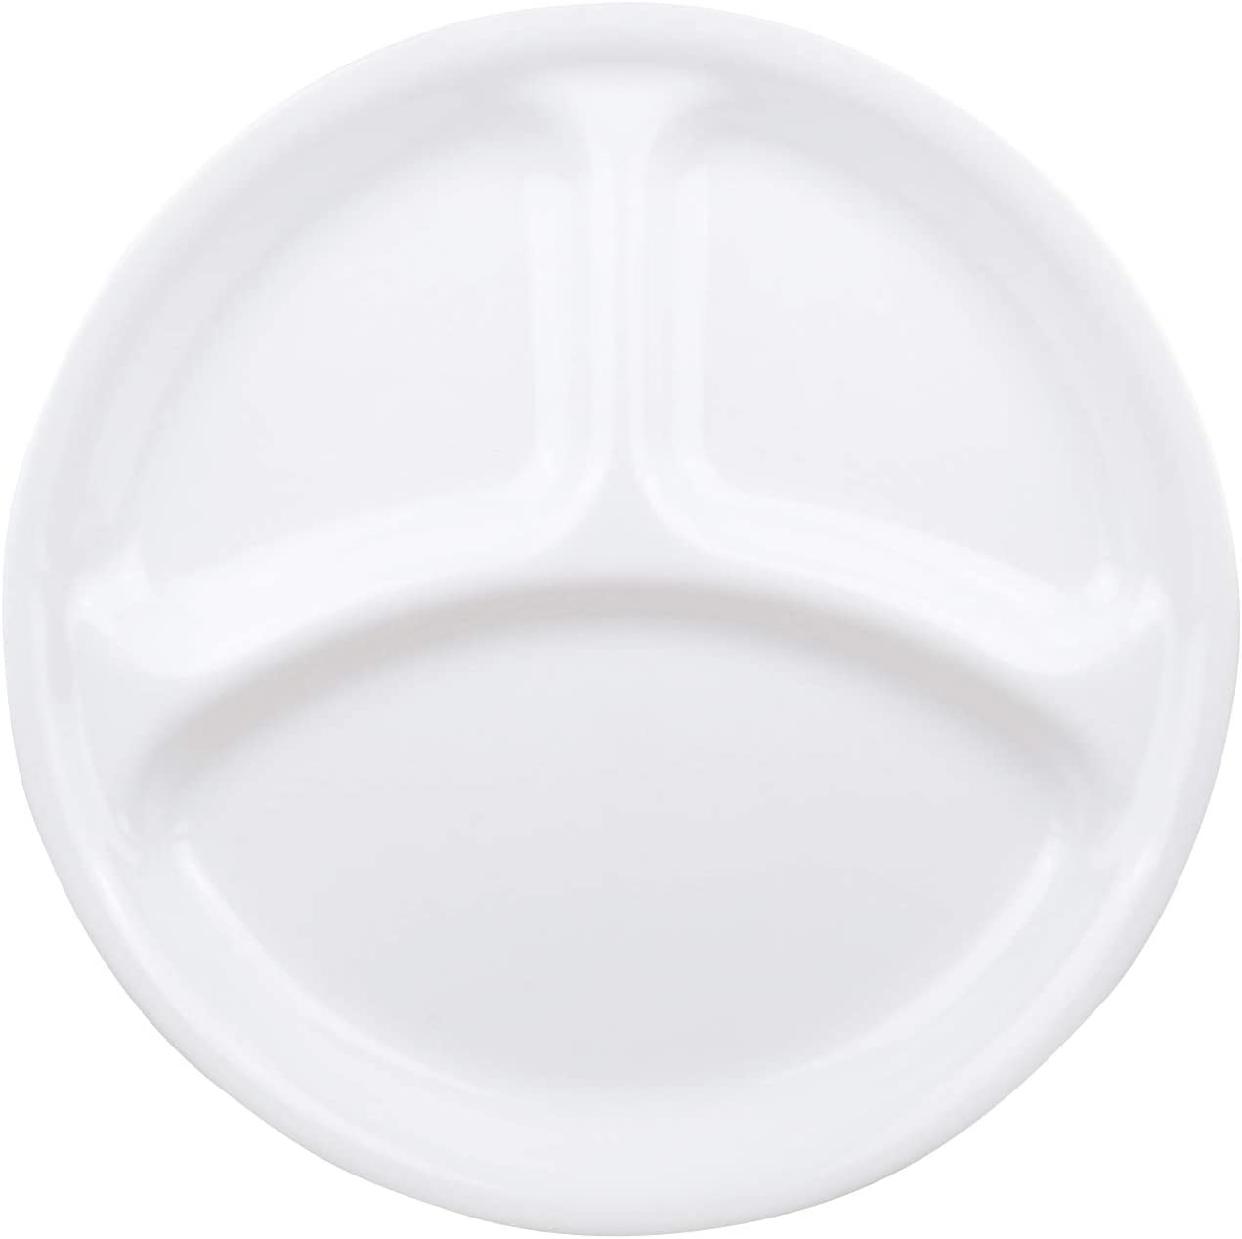 ウインターフロストホワイトランチ皿(大)ホワイト J310-Nの商品画像